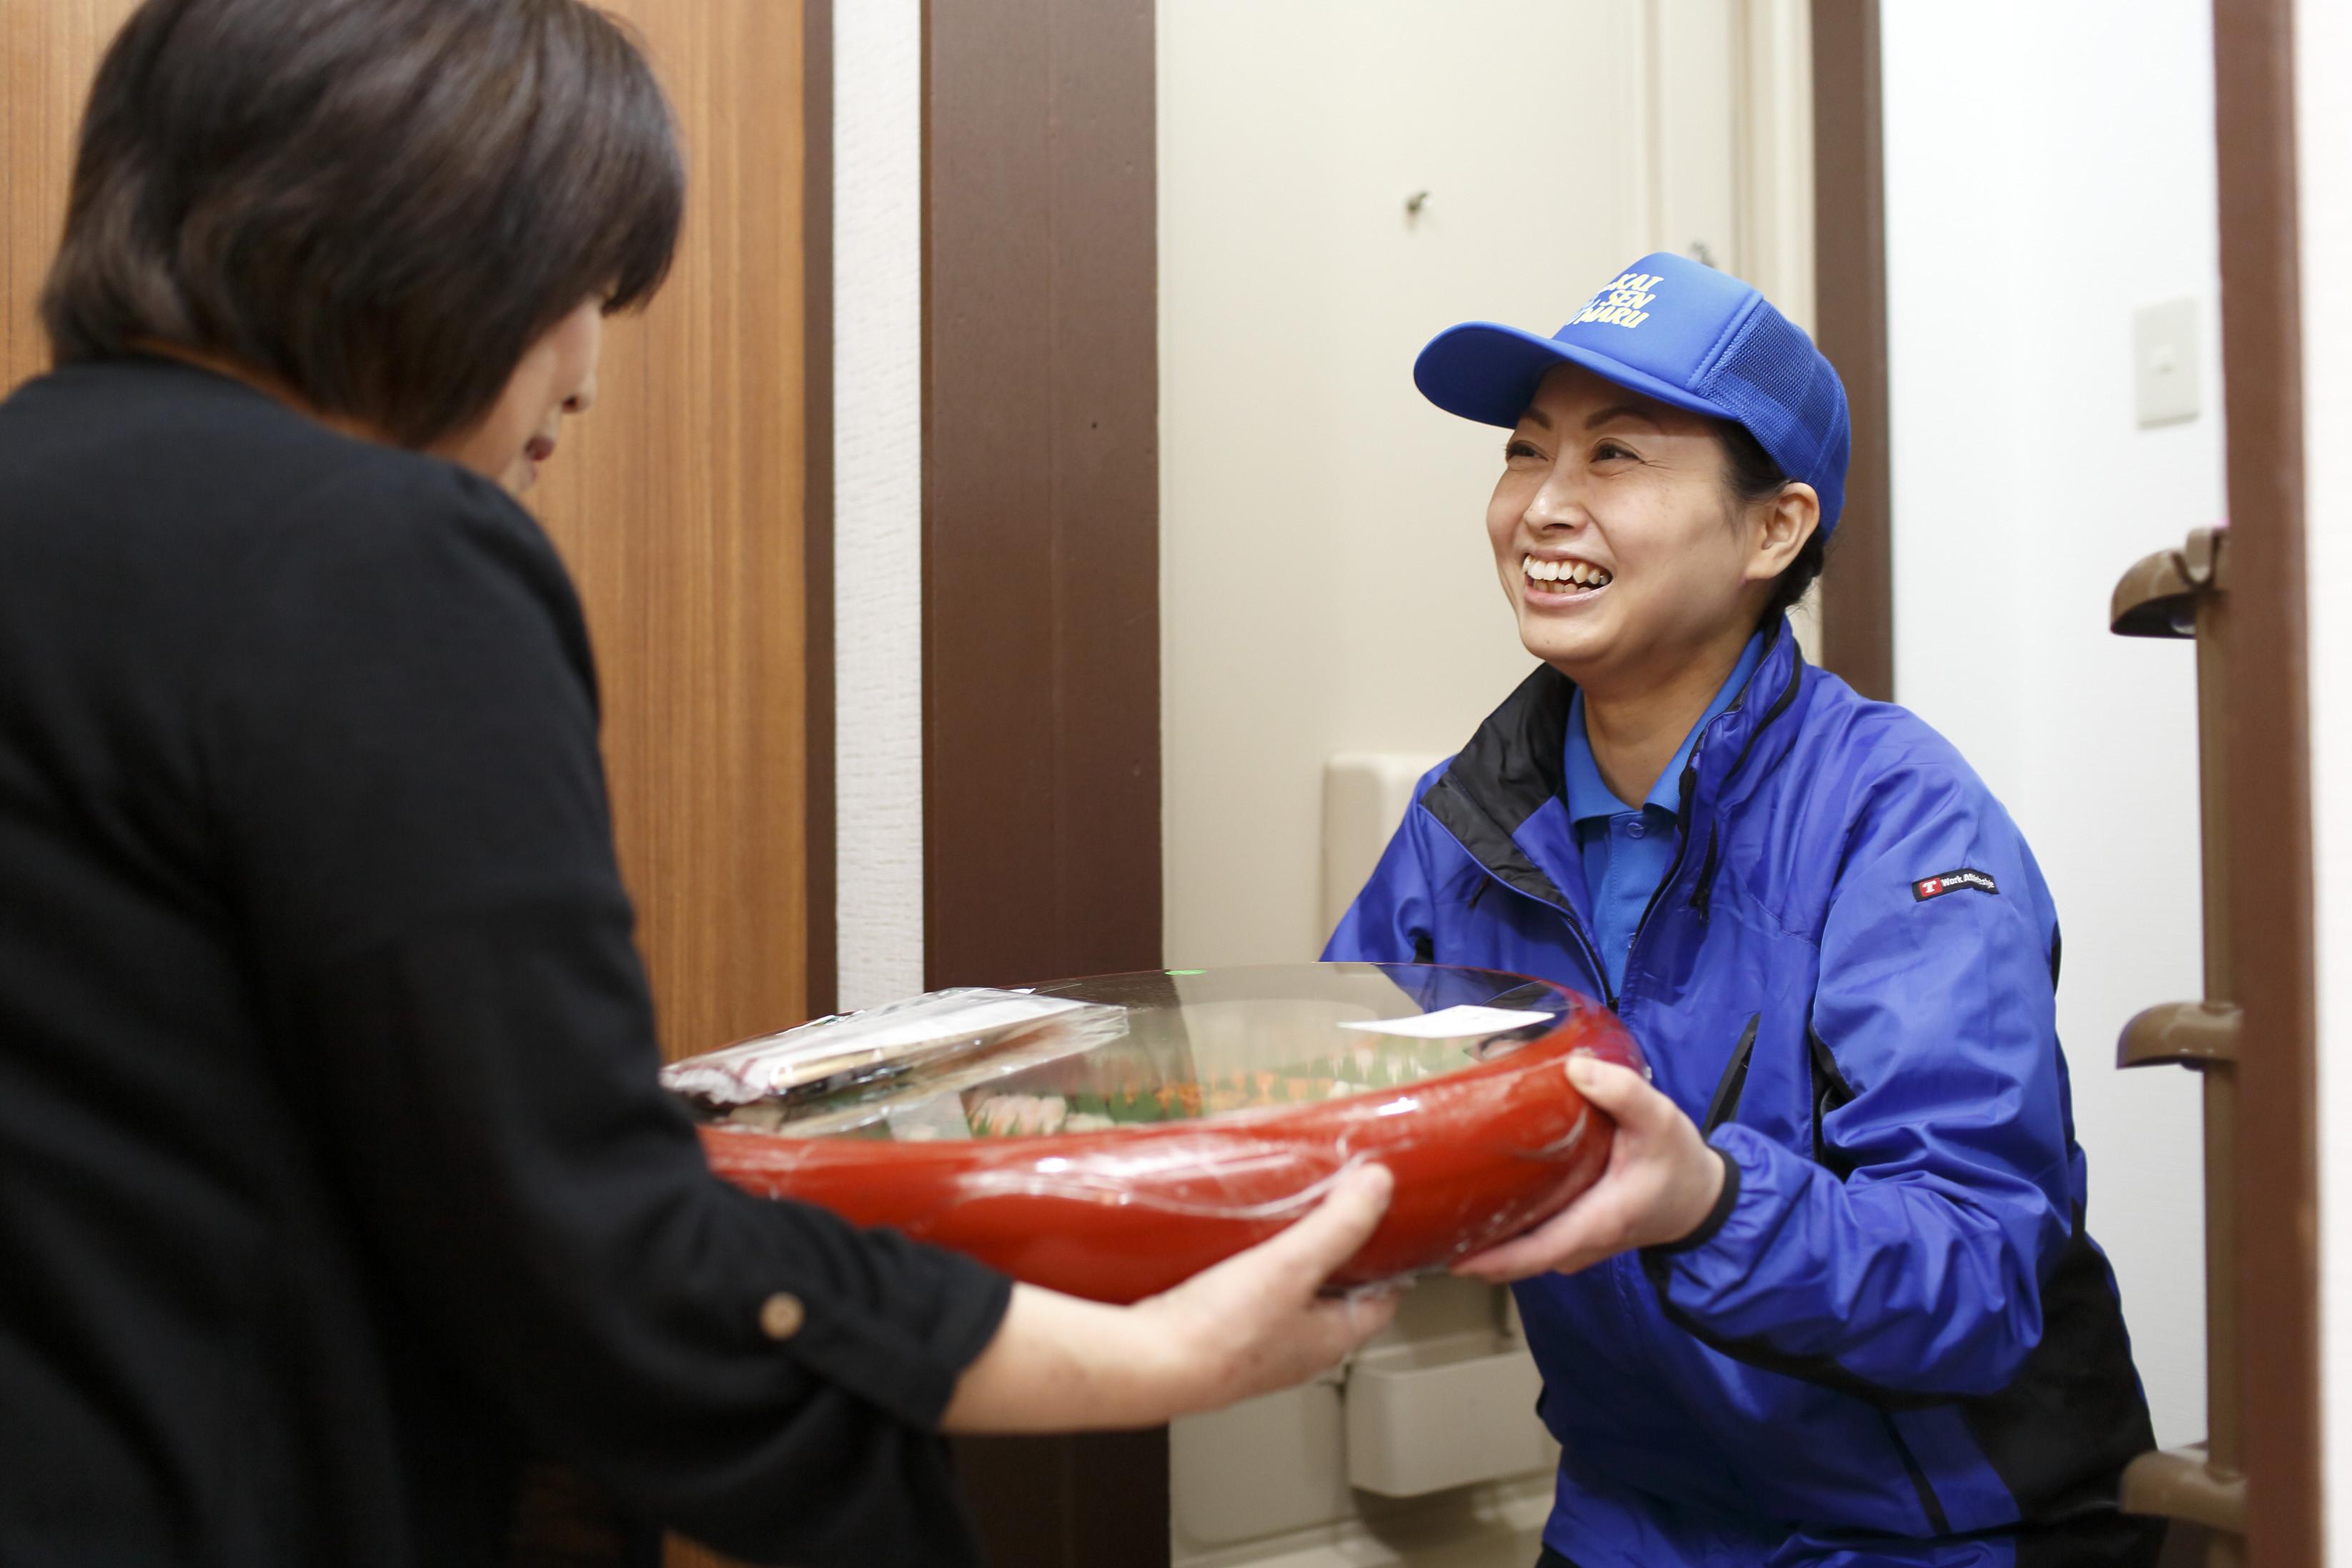 札幌海鮮丸 発寒店 デリバリー(配達)スタッフのアルバイト情報